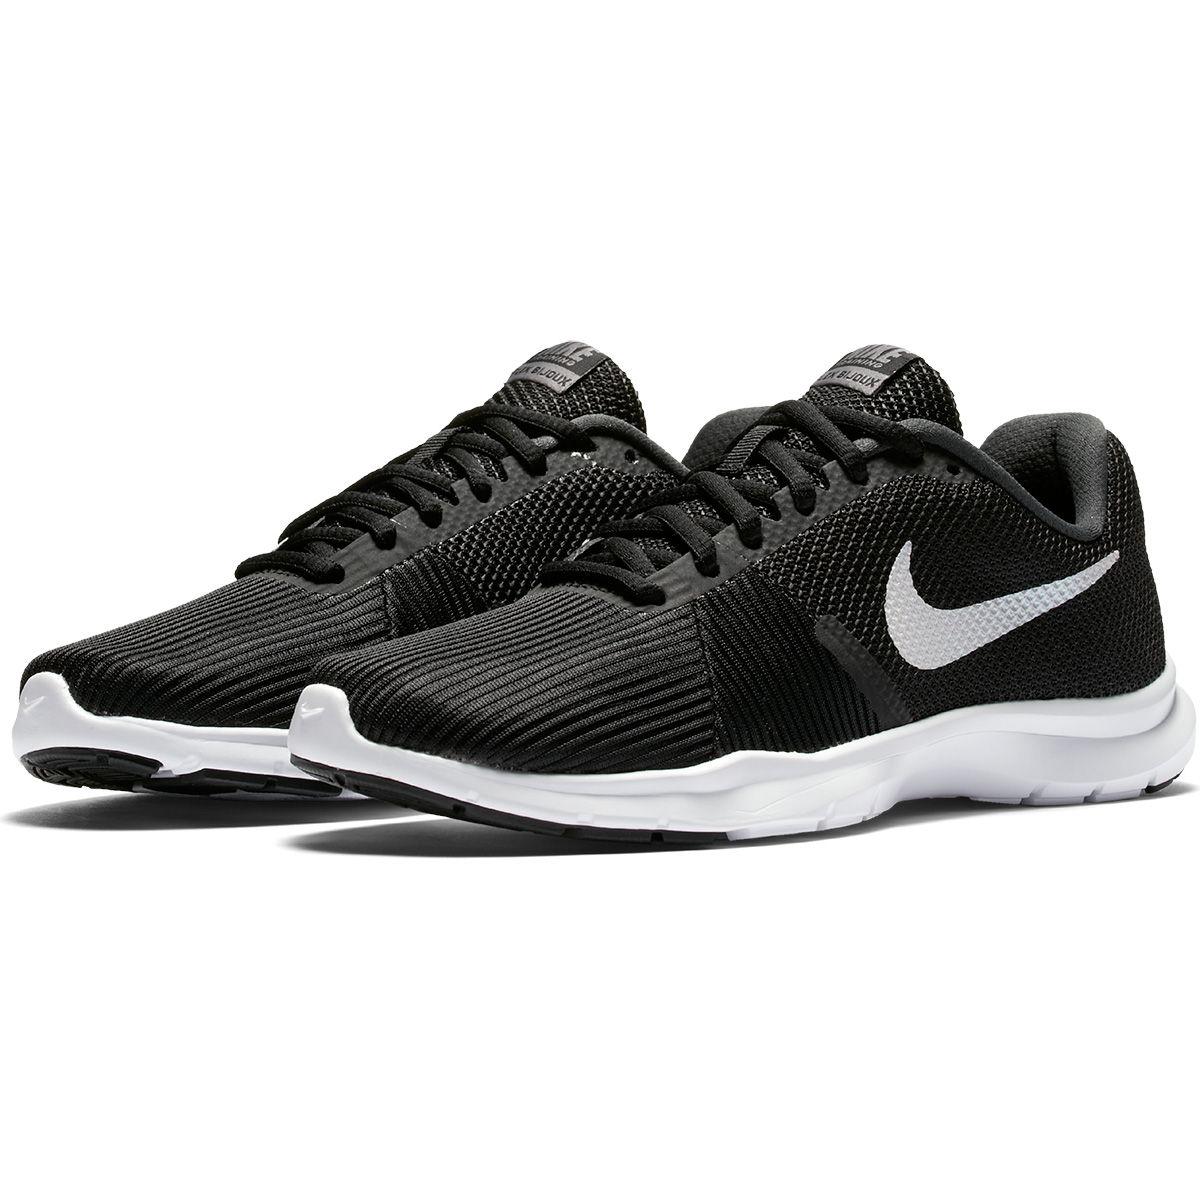 tenis nike 1 - Tênis Nike Flex Bijoux Feminino - Preto e Branco  - R$159,90